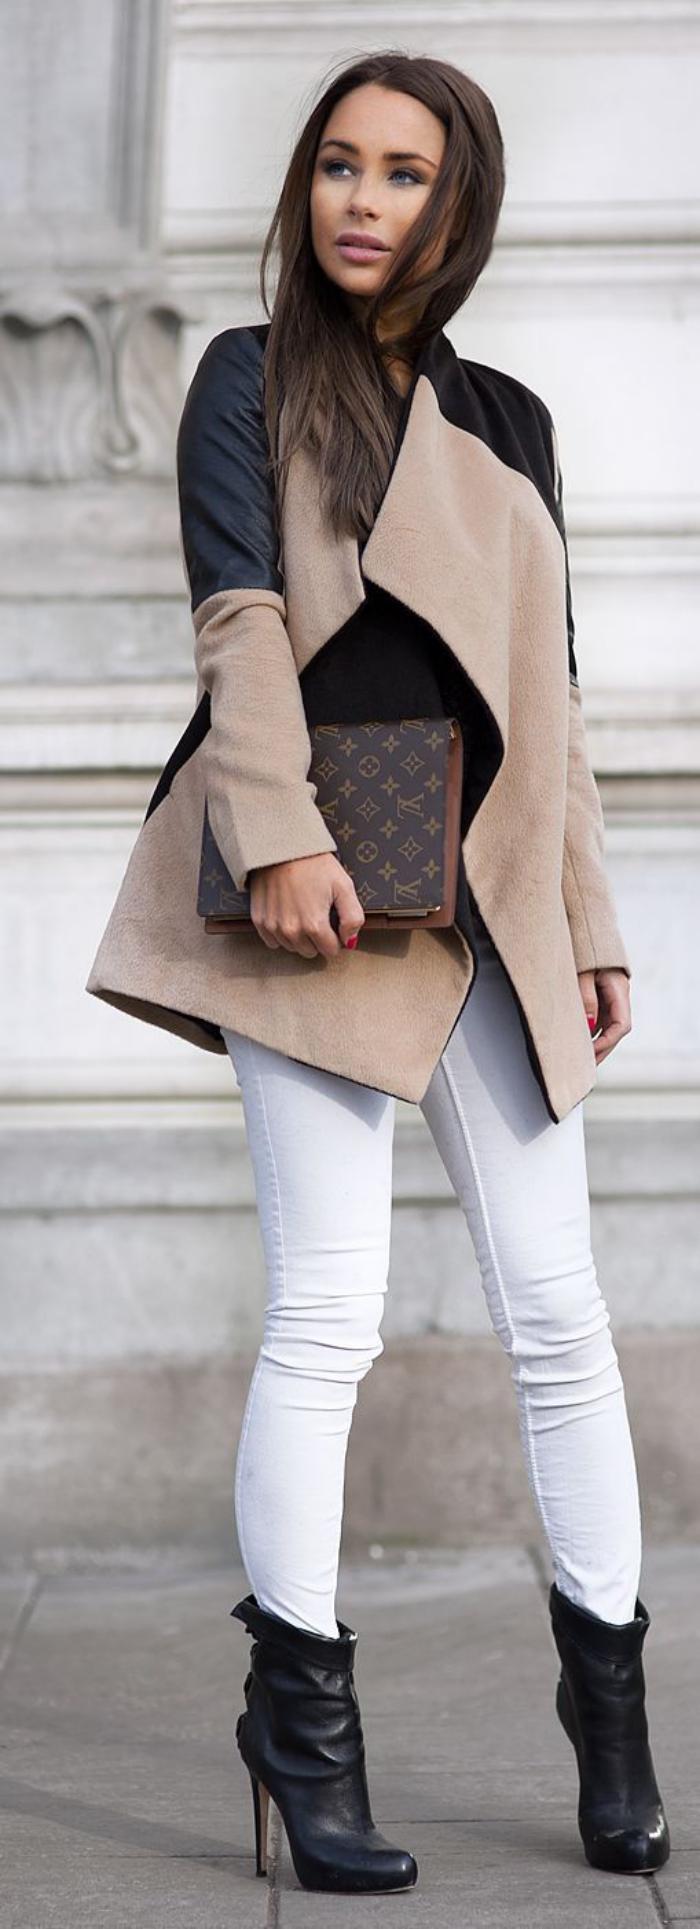 manteau-camel-et-détails-noirs-combination-élégante